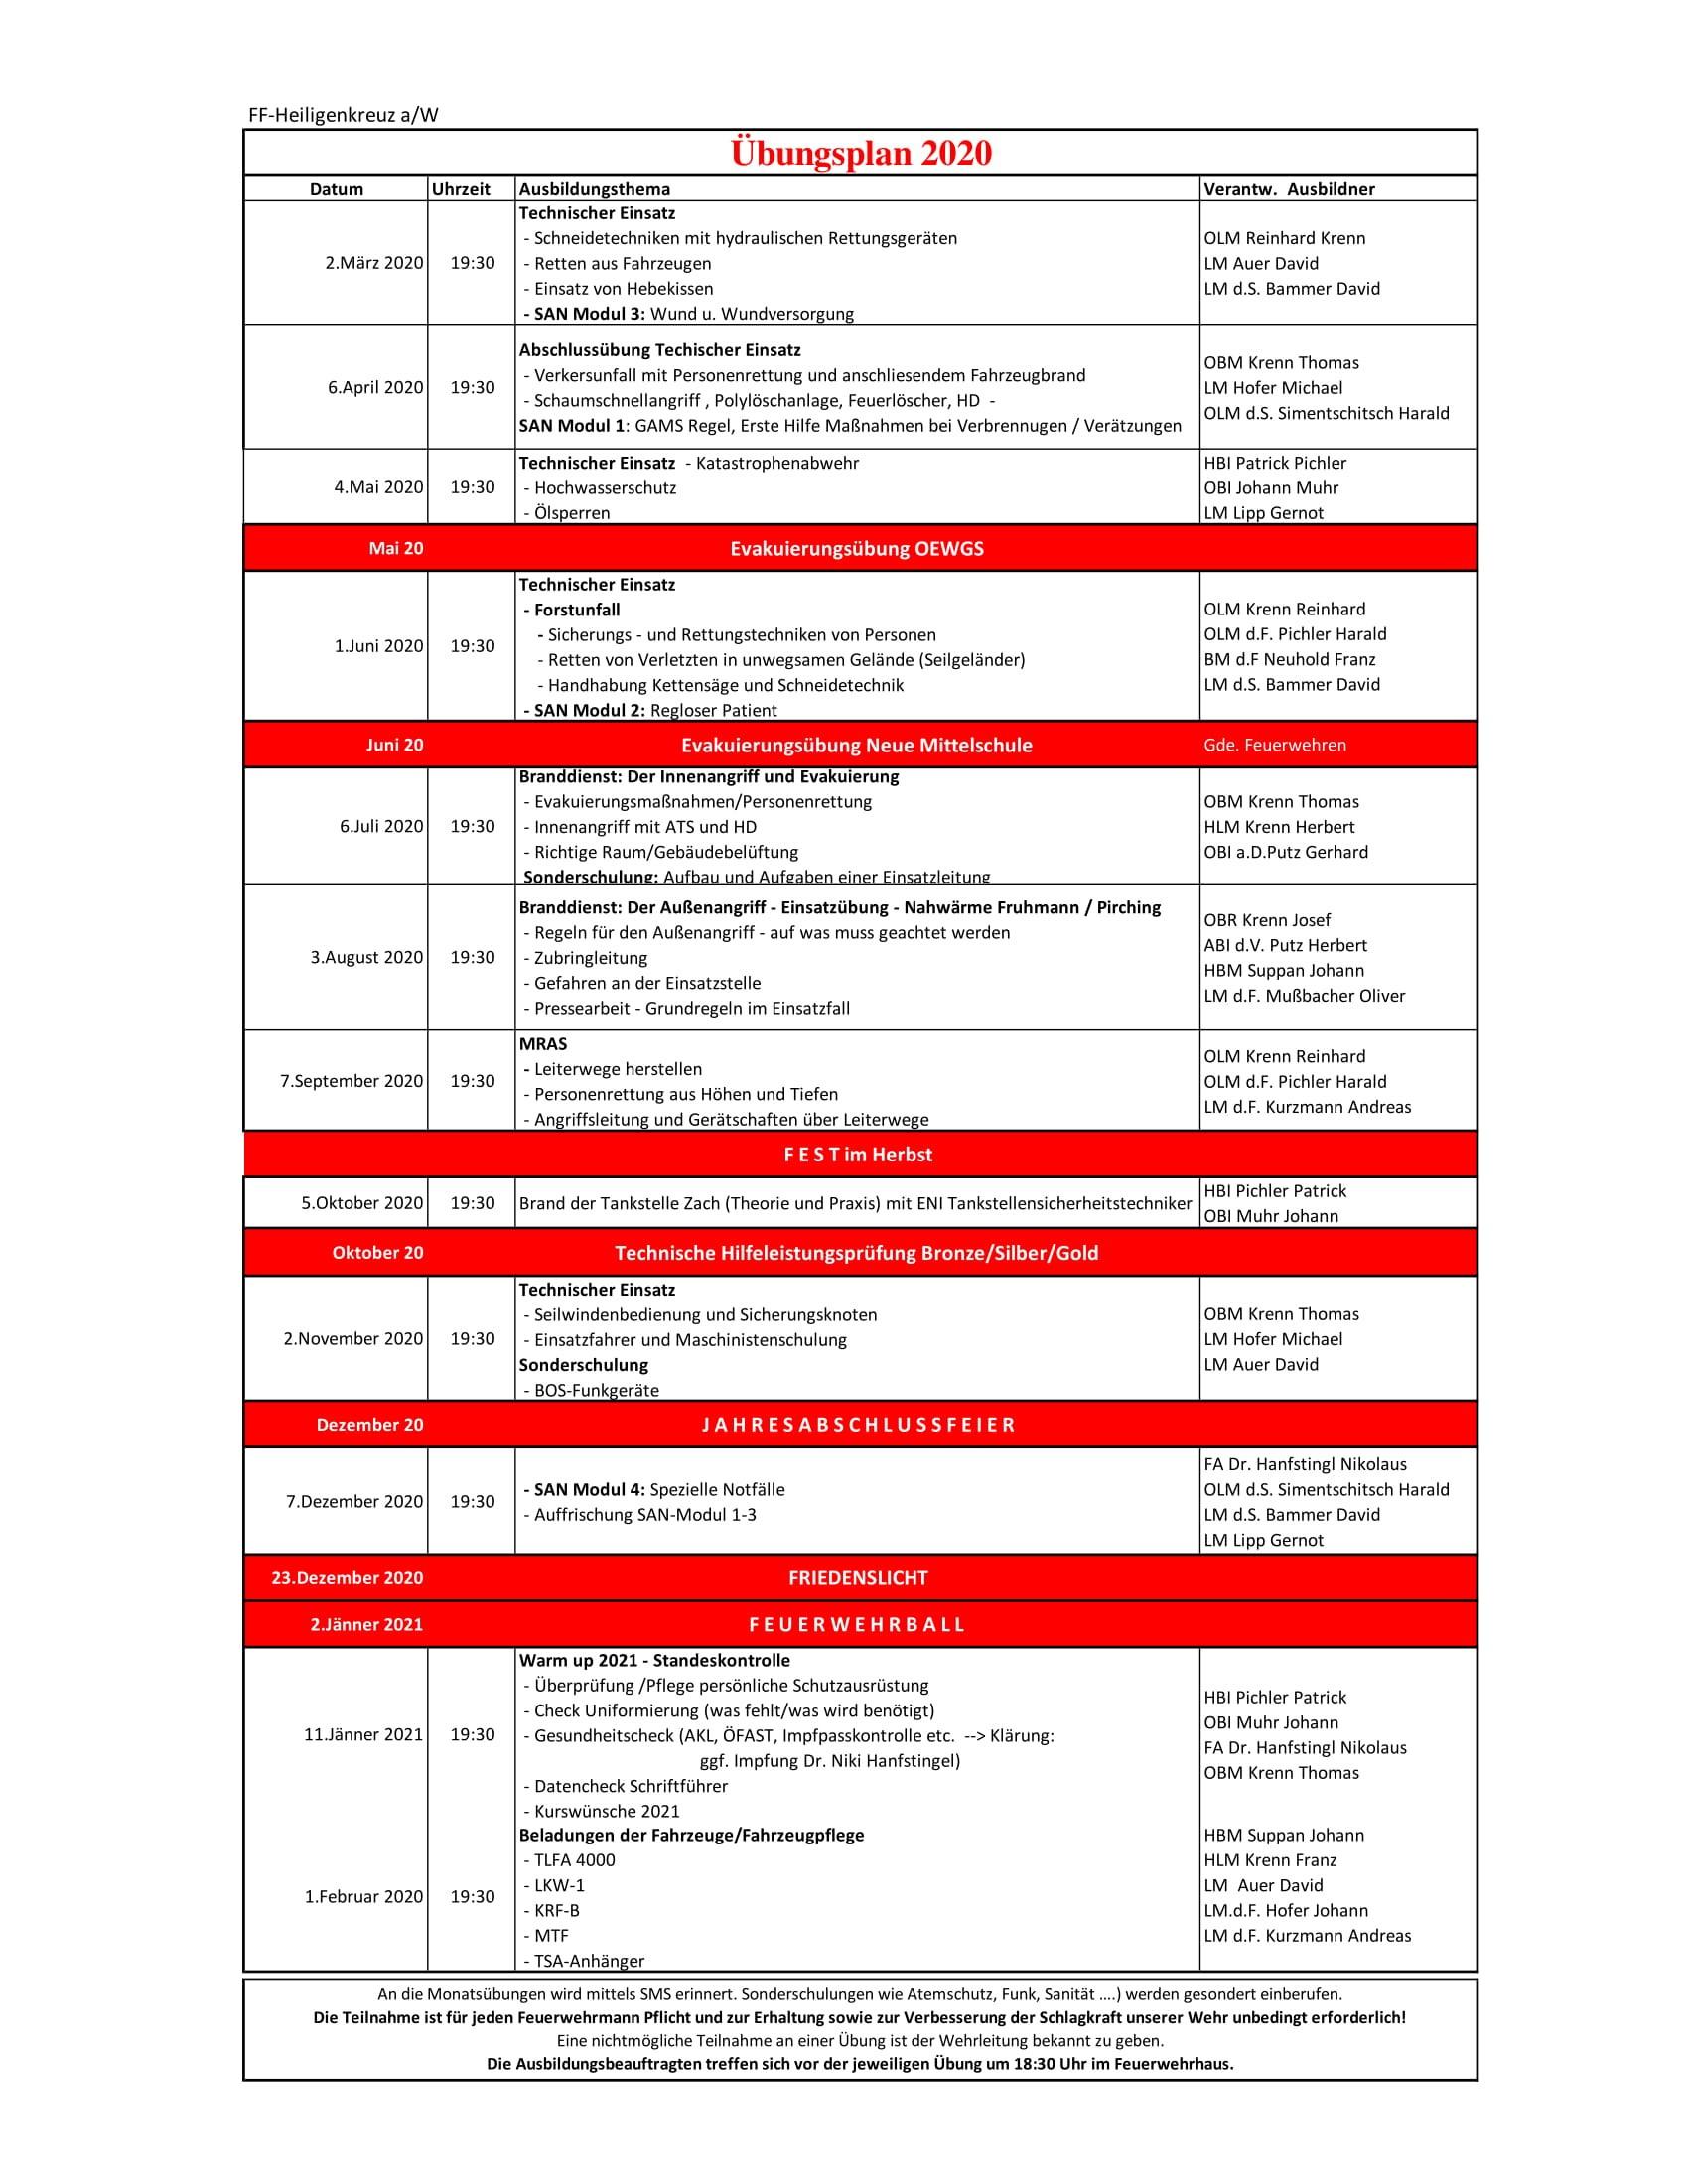 200218_ Übungsplan 2020 final-1